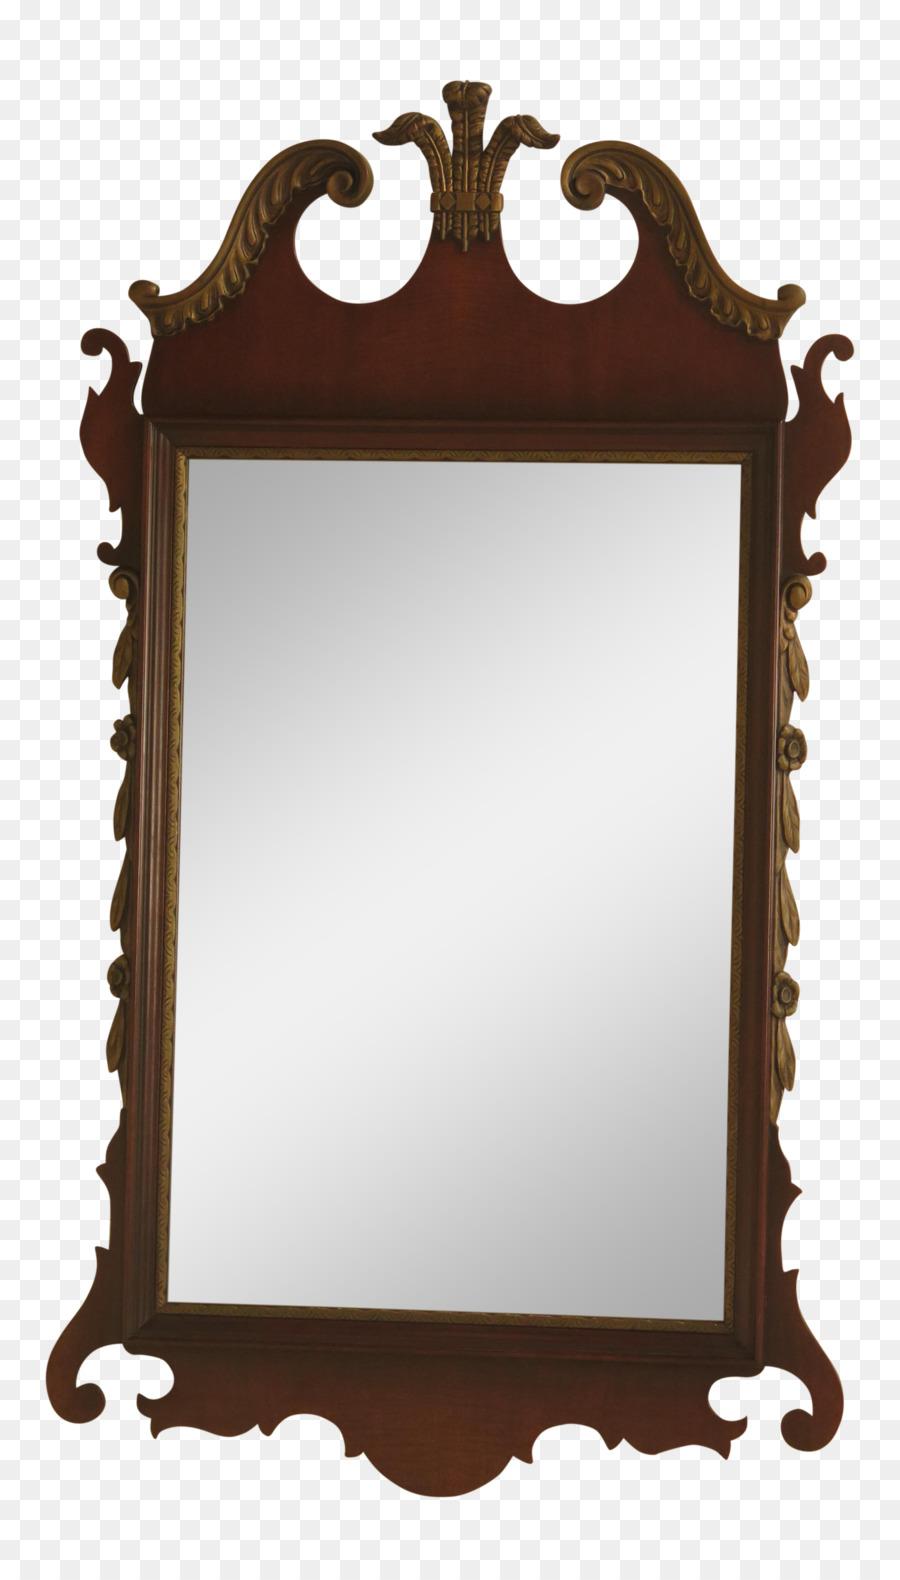 Espejo Chino Chippendale, Caoba Marcos De Imagen - espejo Formatos ...